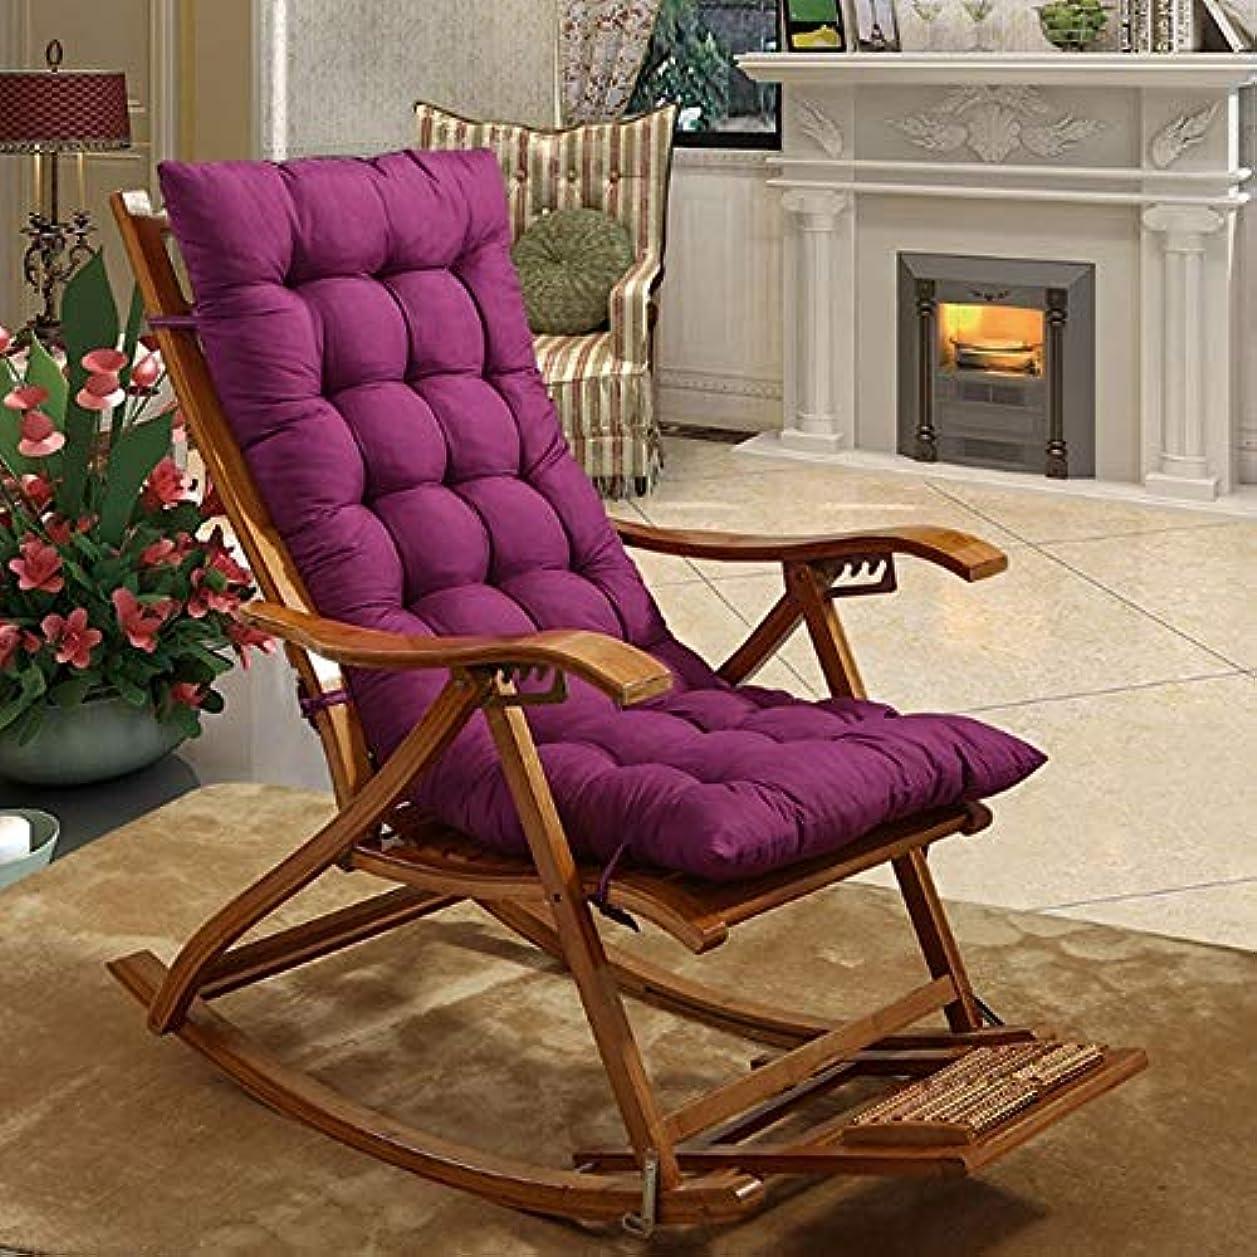 ホイットニースキル密接にLIFE 48 × 120 センチメートルベンチソファクッション装飾高品質ポリエステル繊維ジャー椅子のクッション暖かい快適な畳マットパッド クッション 椅子